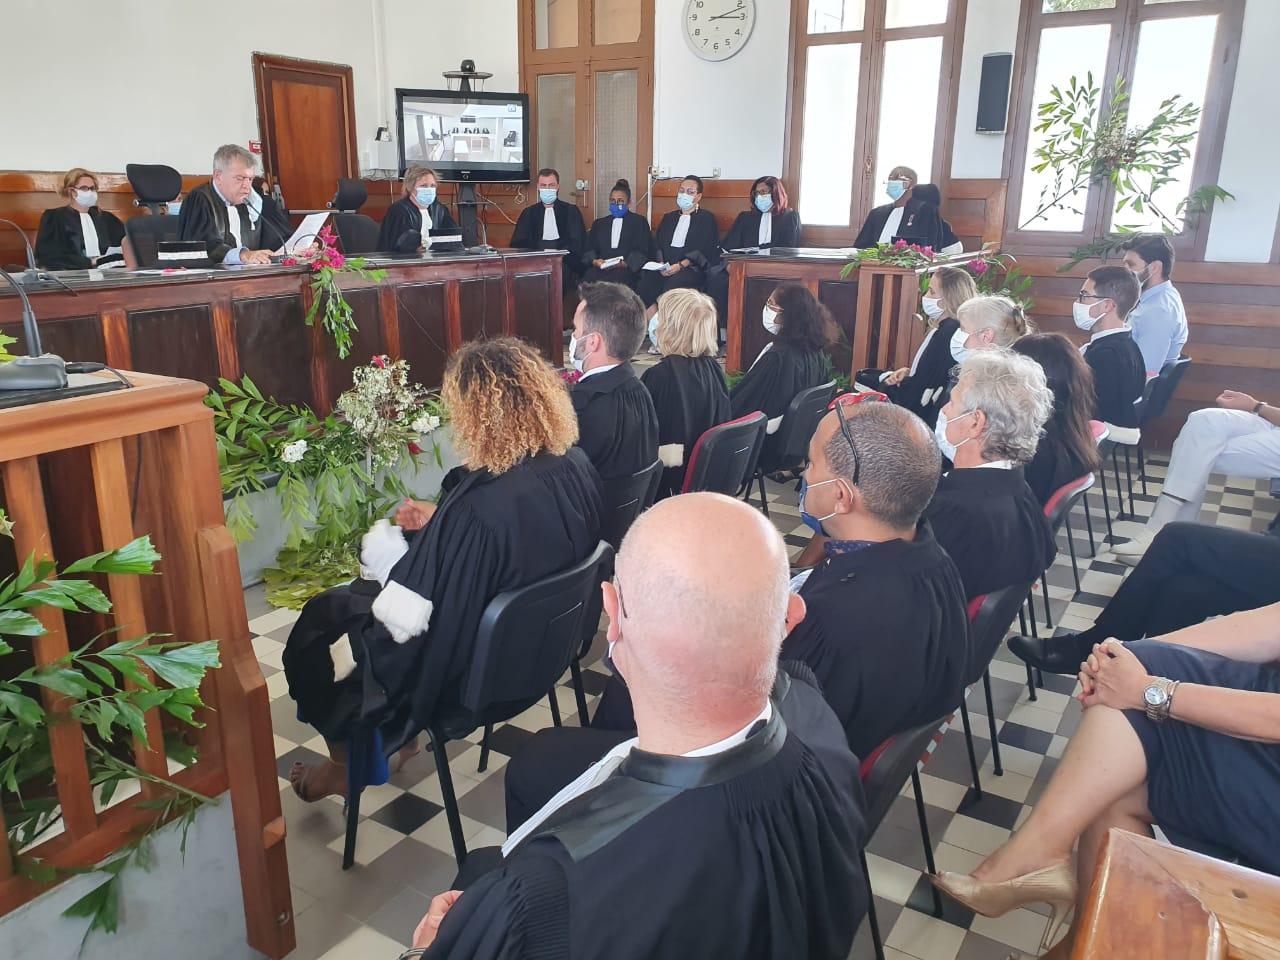 Le tribunal judiciaire de Basse-Terre a fait sa rentrée